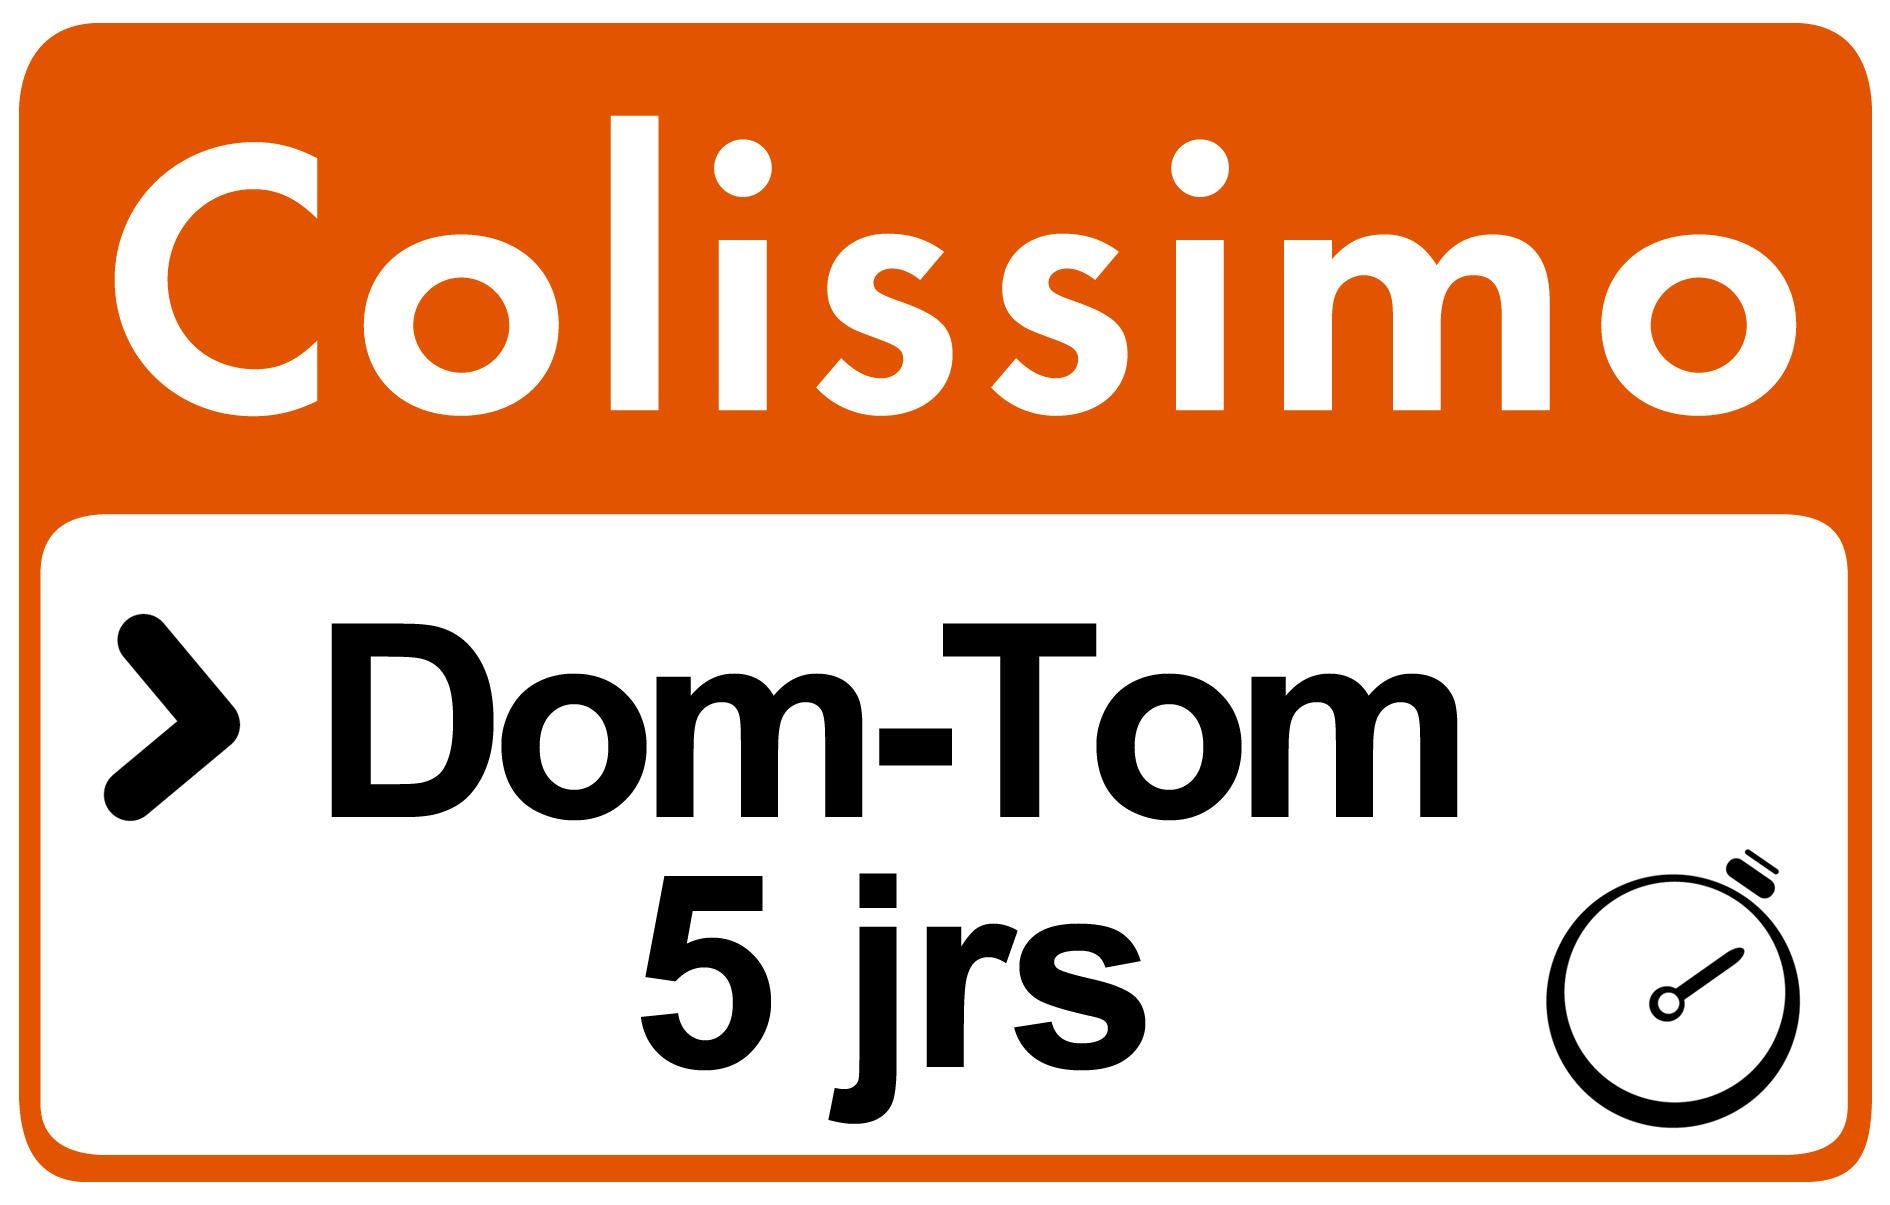 Colissimo_Dom_Tom.jpeg